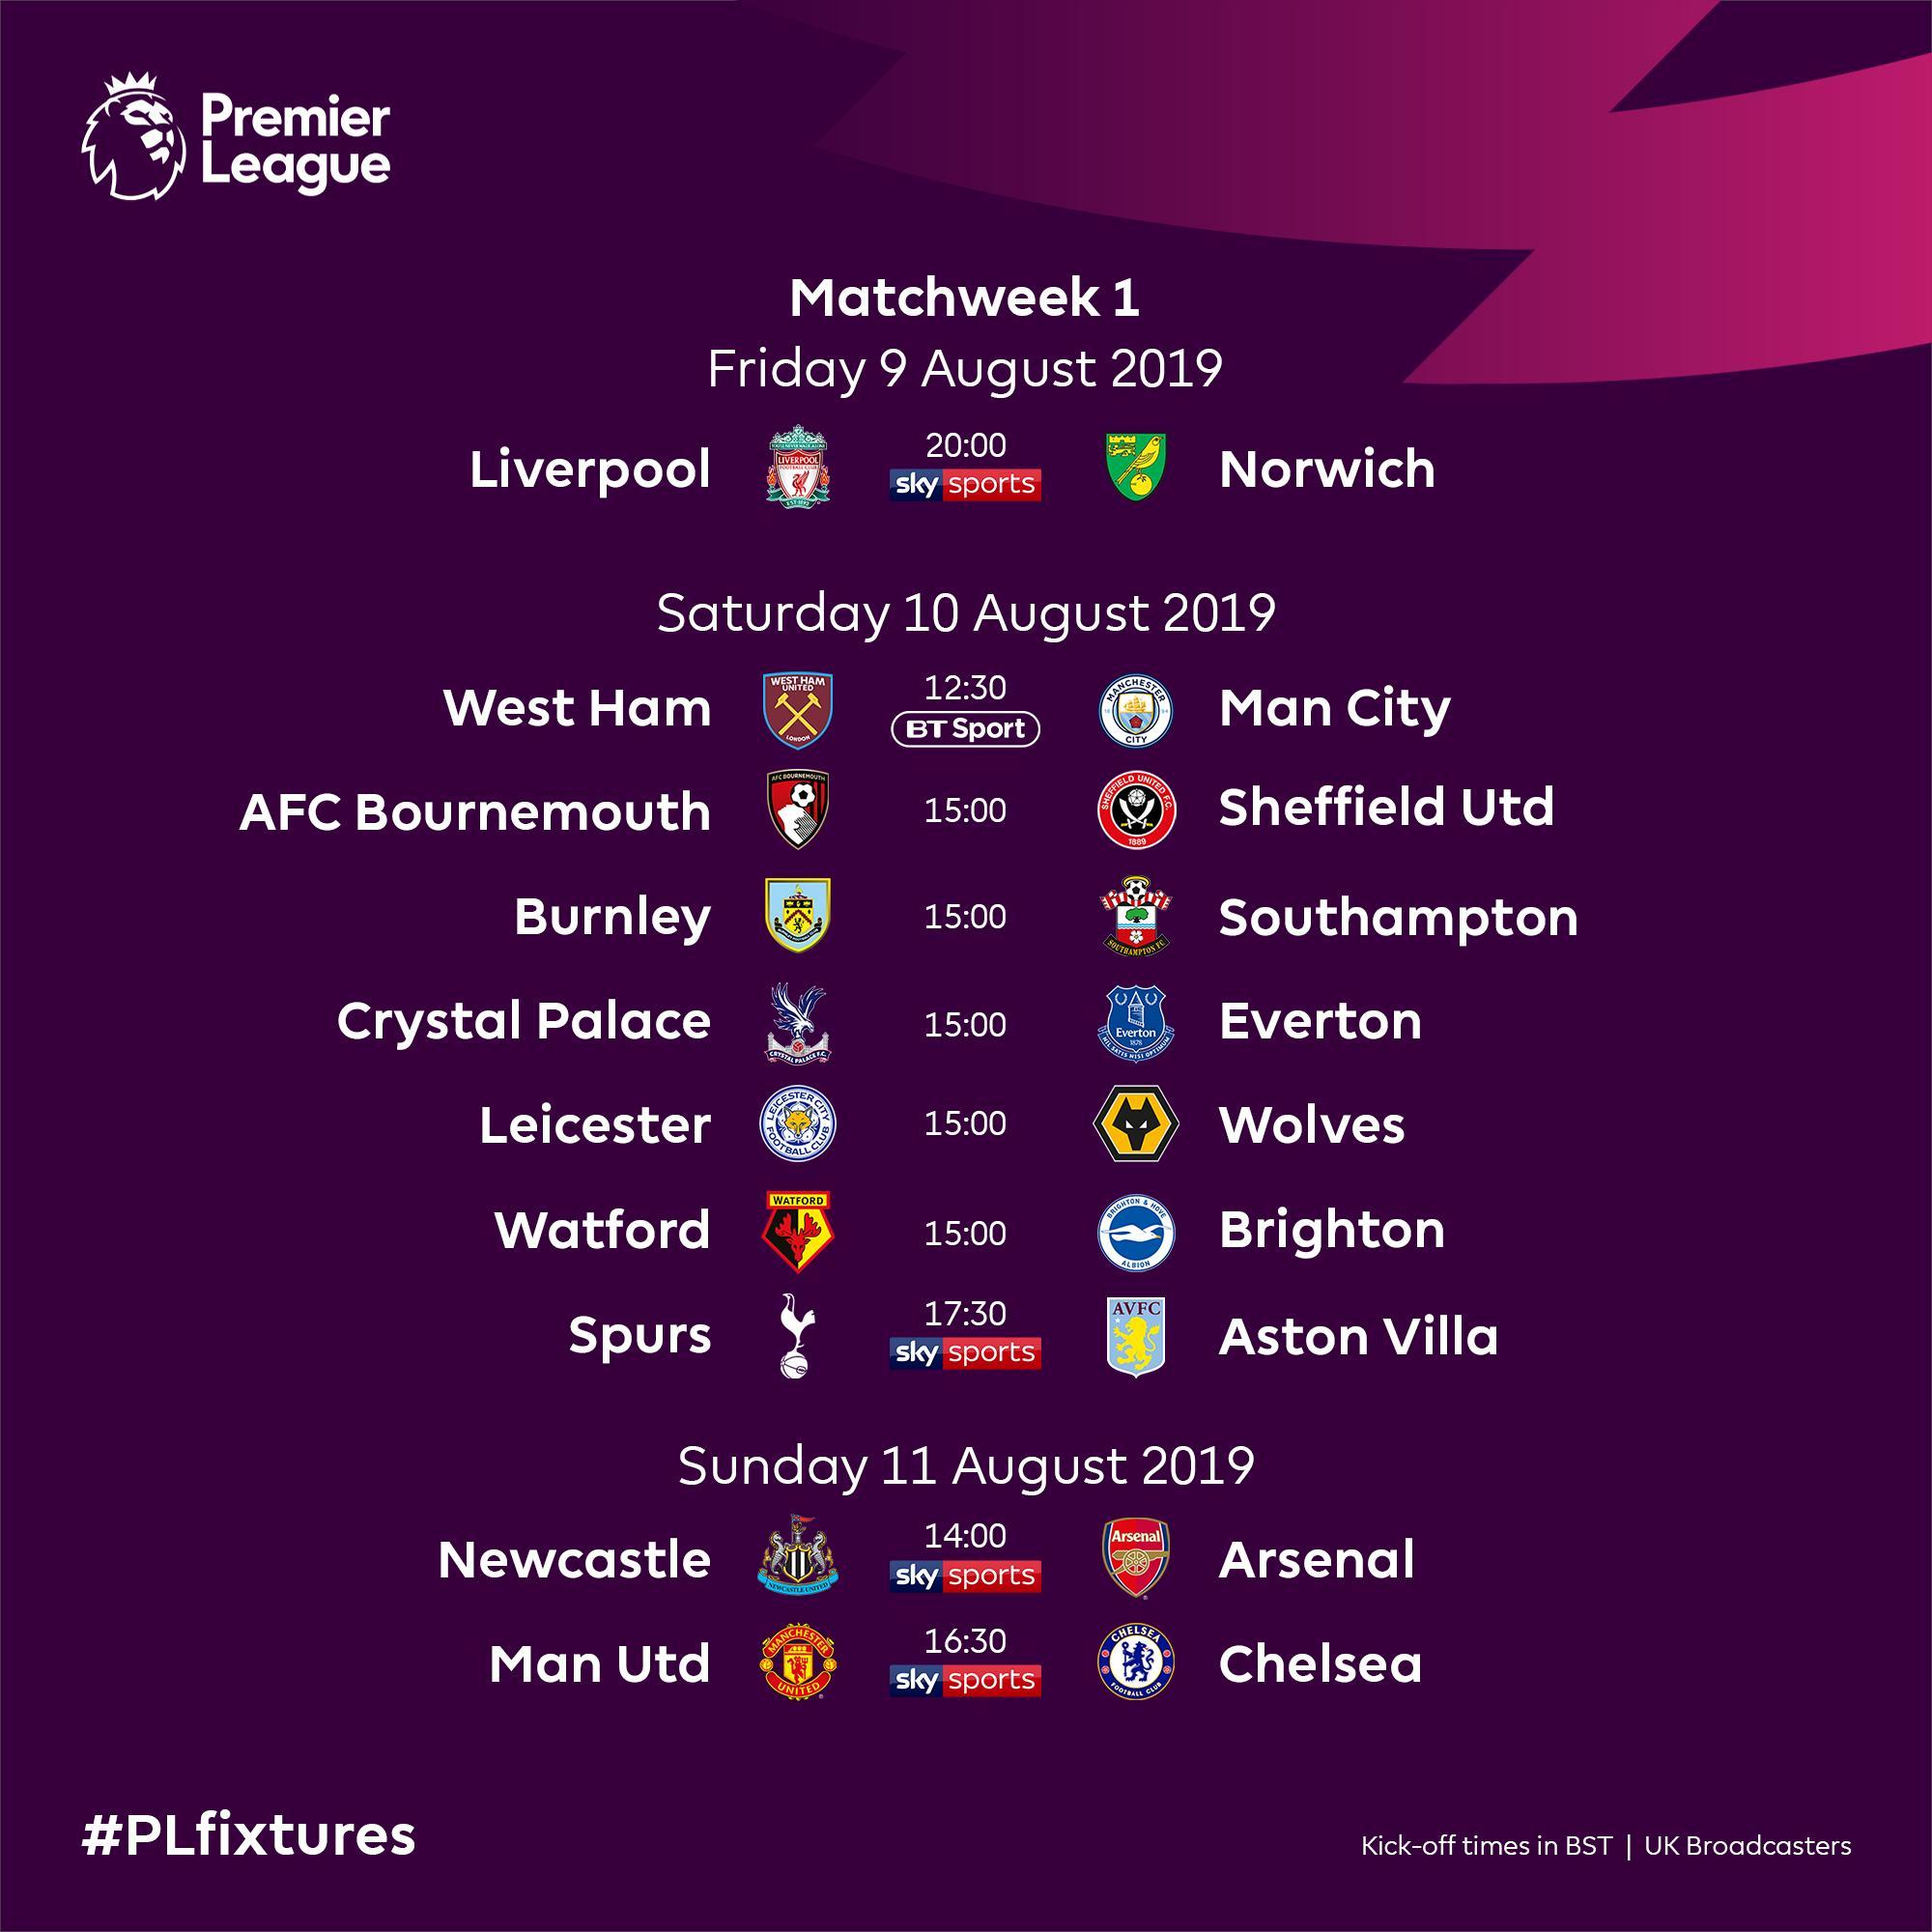 مواعيد مباريات الجولةالاولى فى الدوري الانجليزي